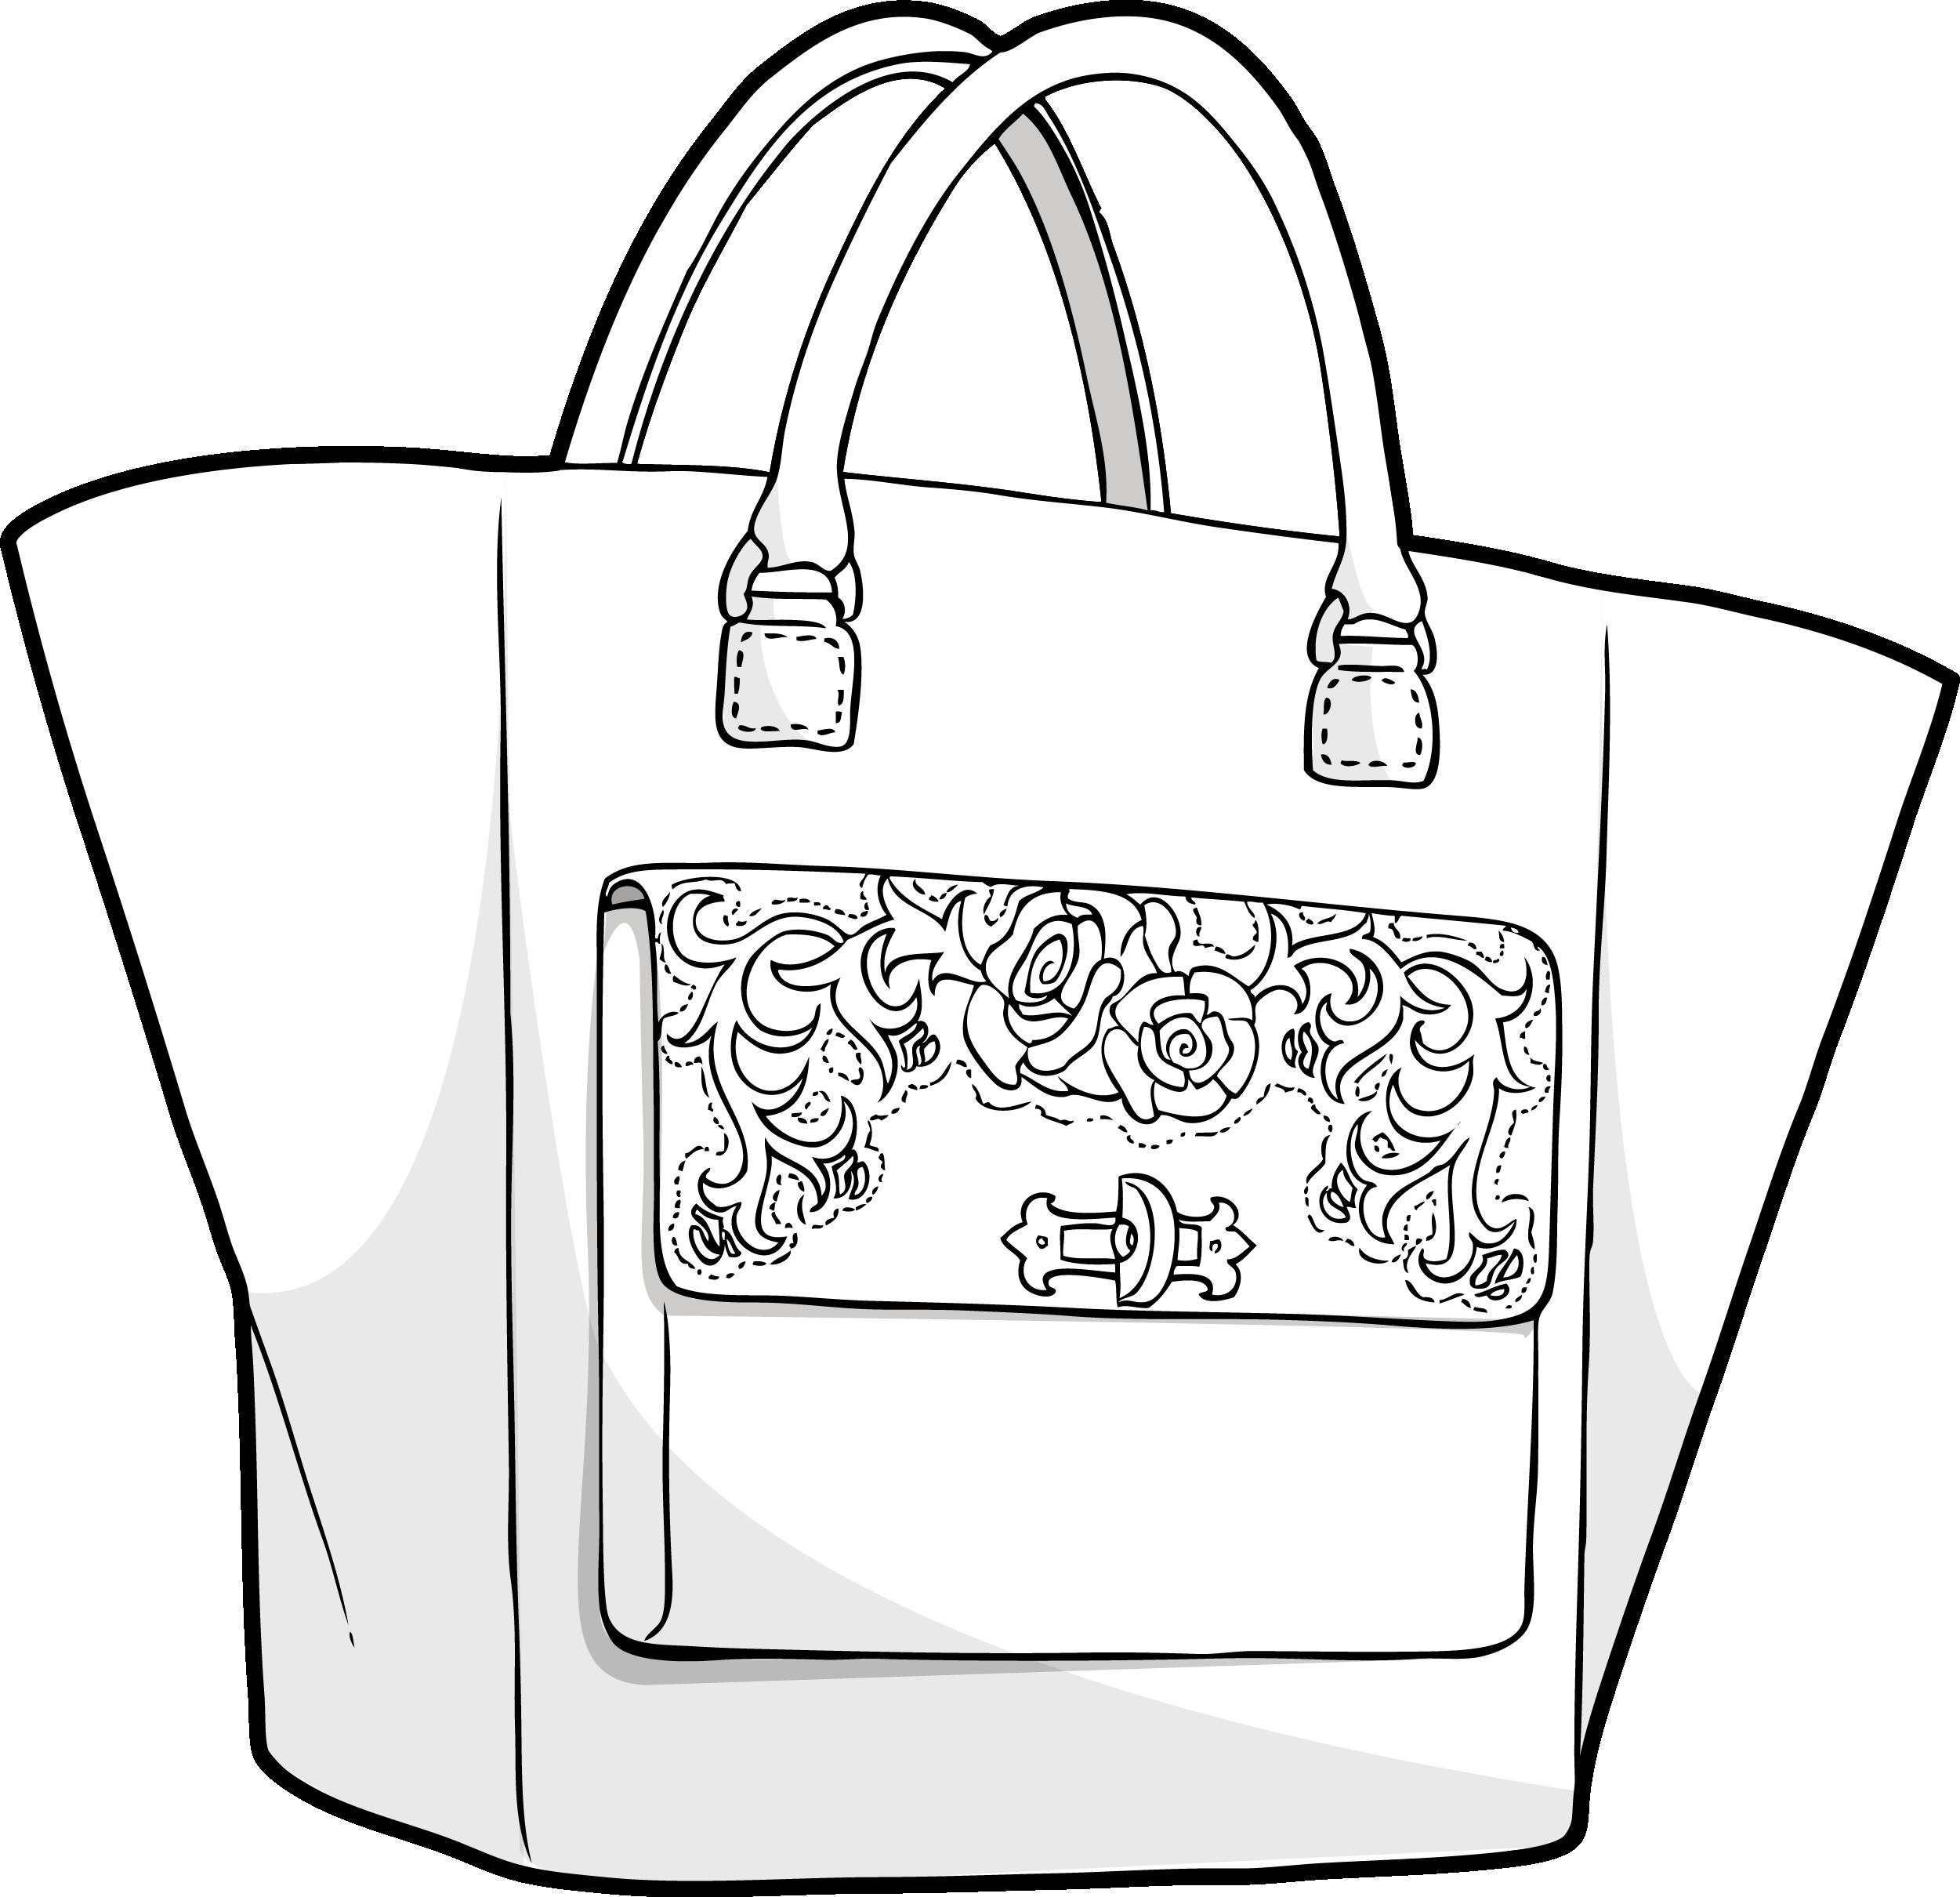 Luxurious Embroidery Bag Nani Coldine In Zusammenarbeit Mit Dmi